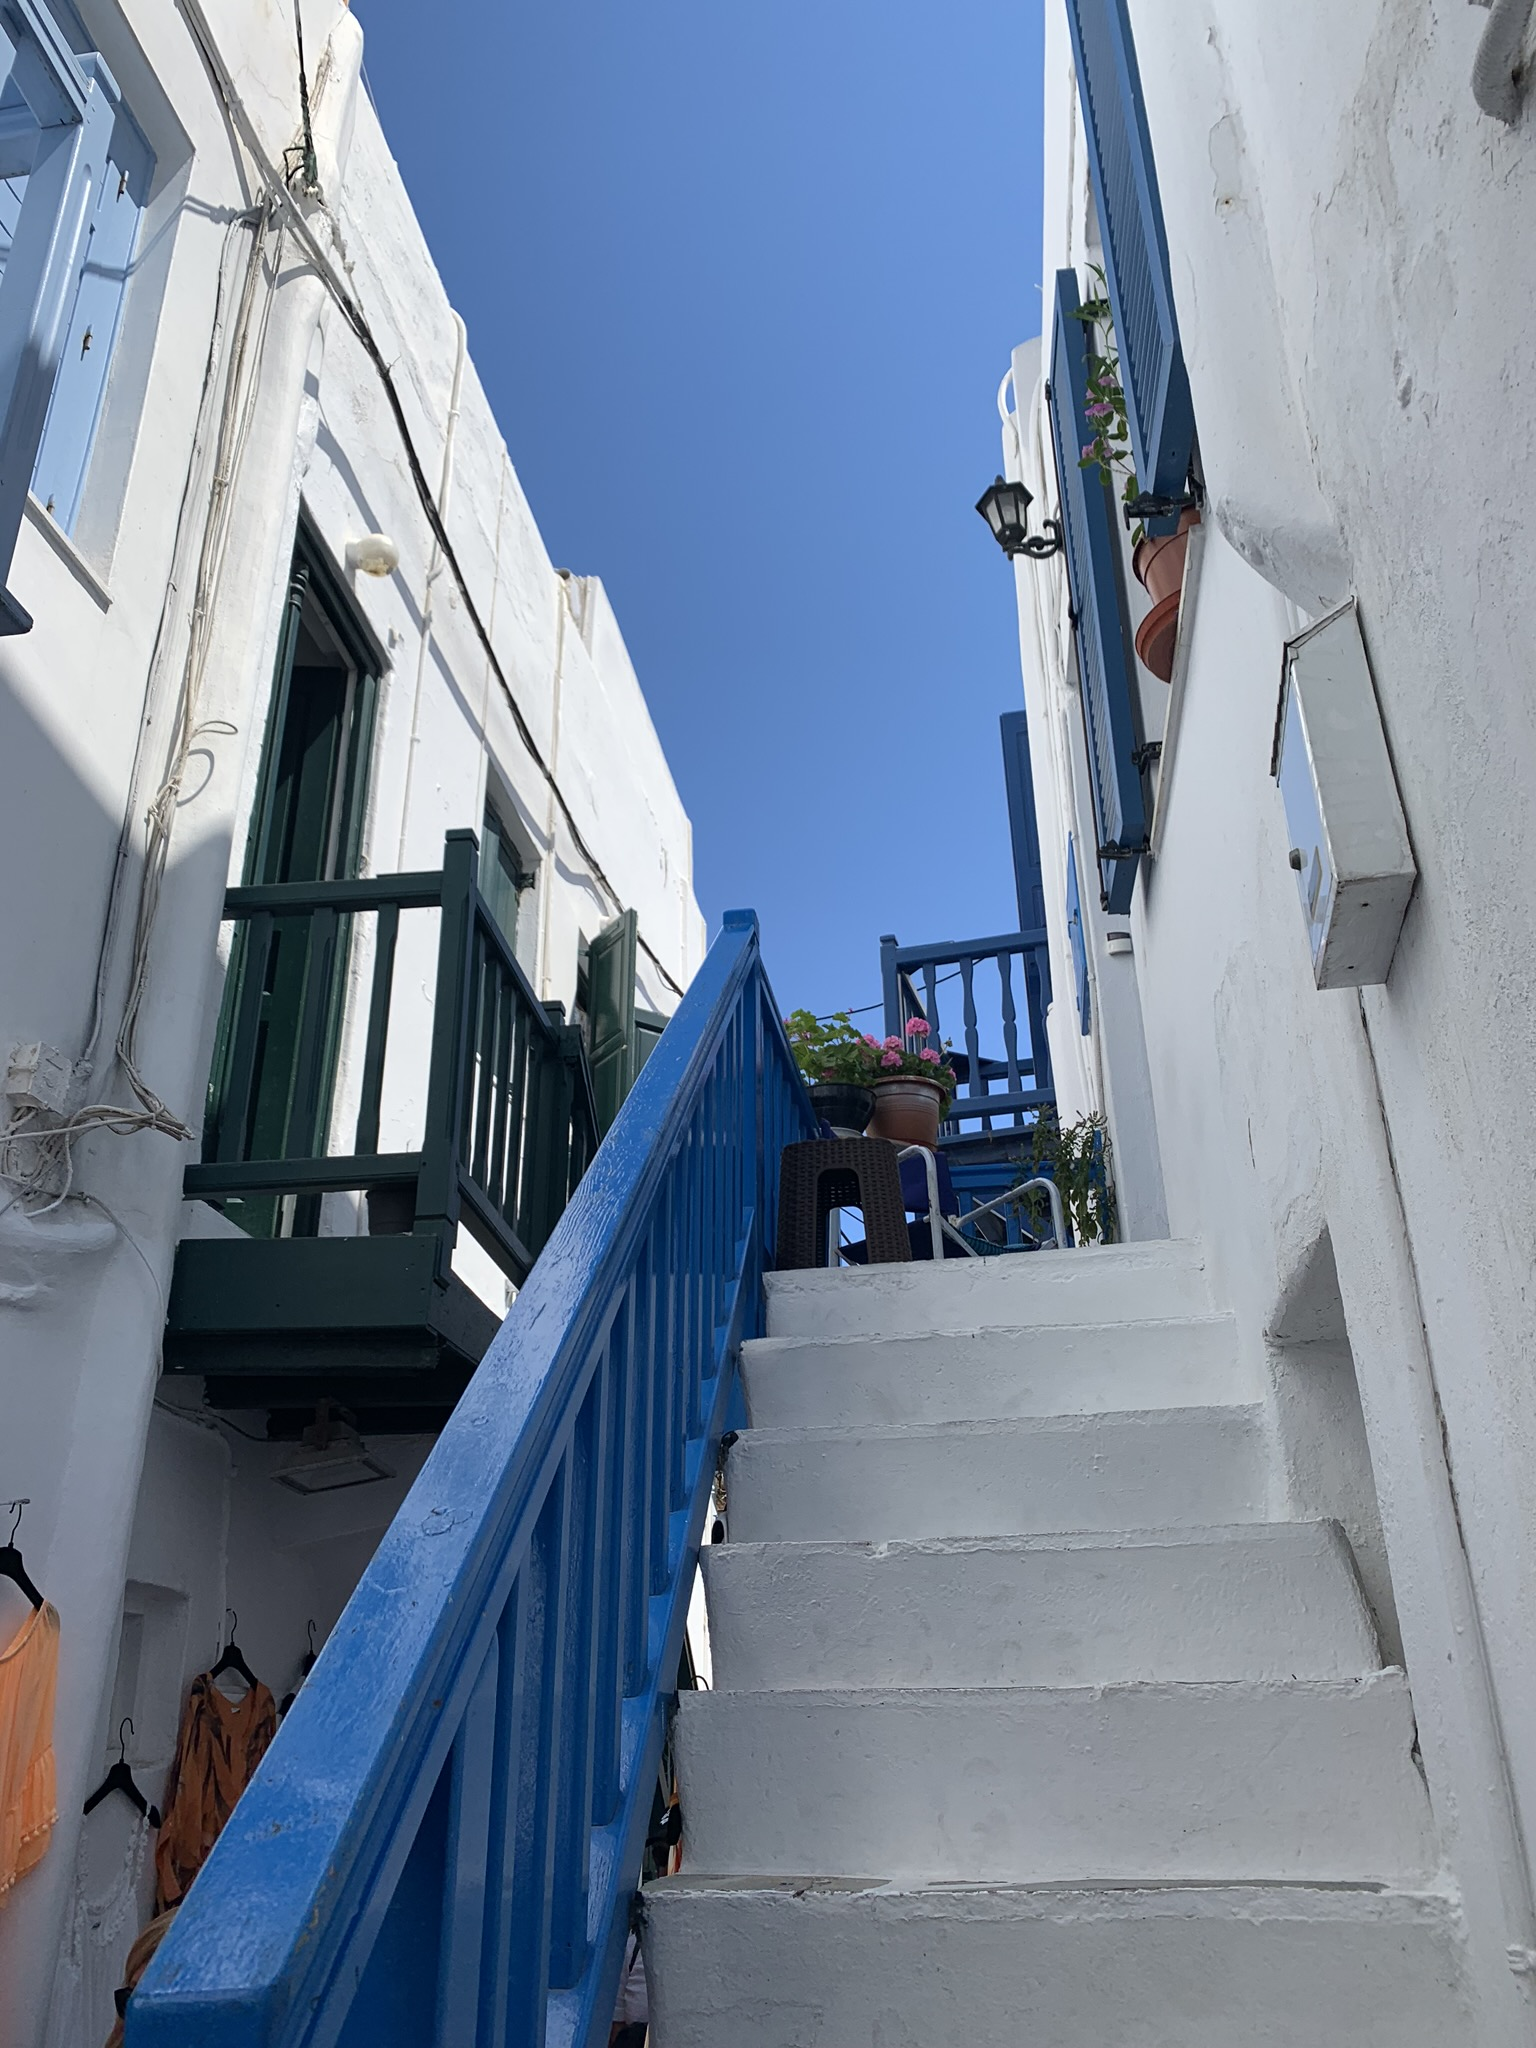 a side street in mykonos greece